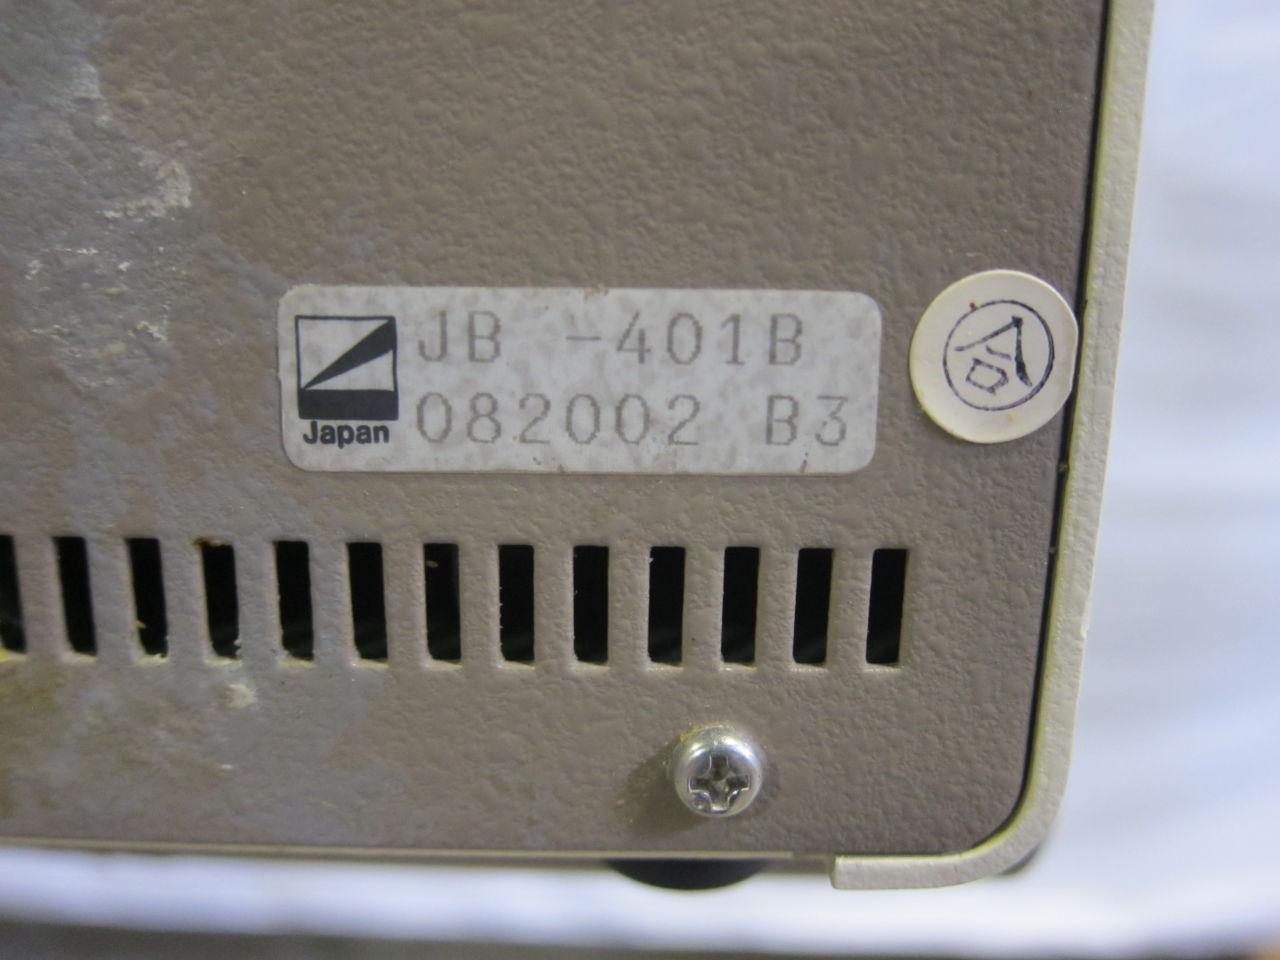 JB-401B Nerve Stimulator